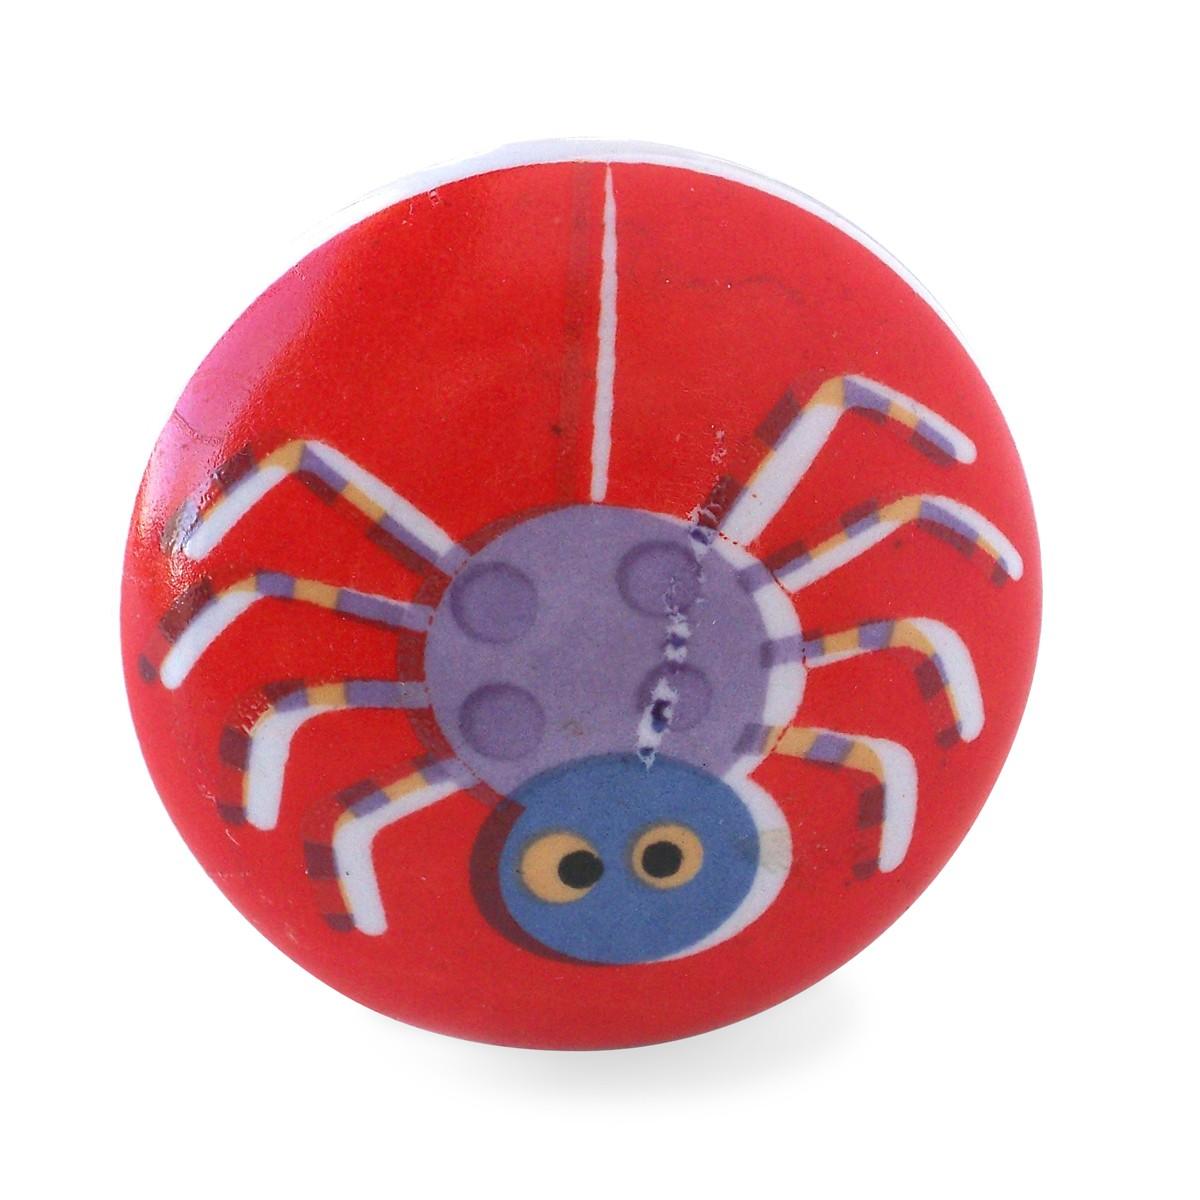 bouton de meuble araign e rouge chambre d enfant 2 90 be8. Black Bedroom Furniture Sets. Home Design Ideas